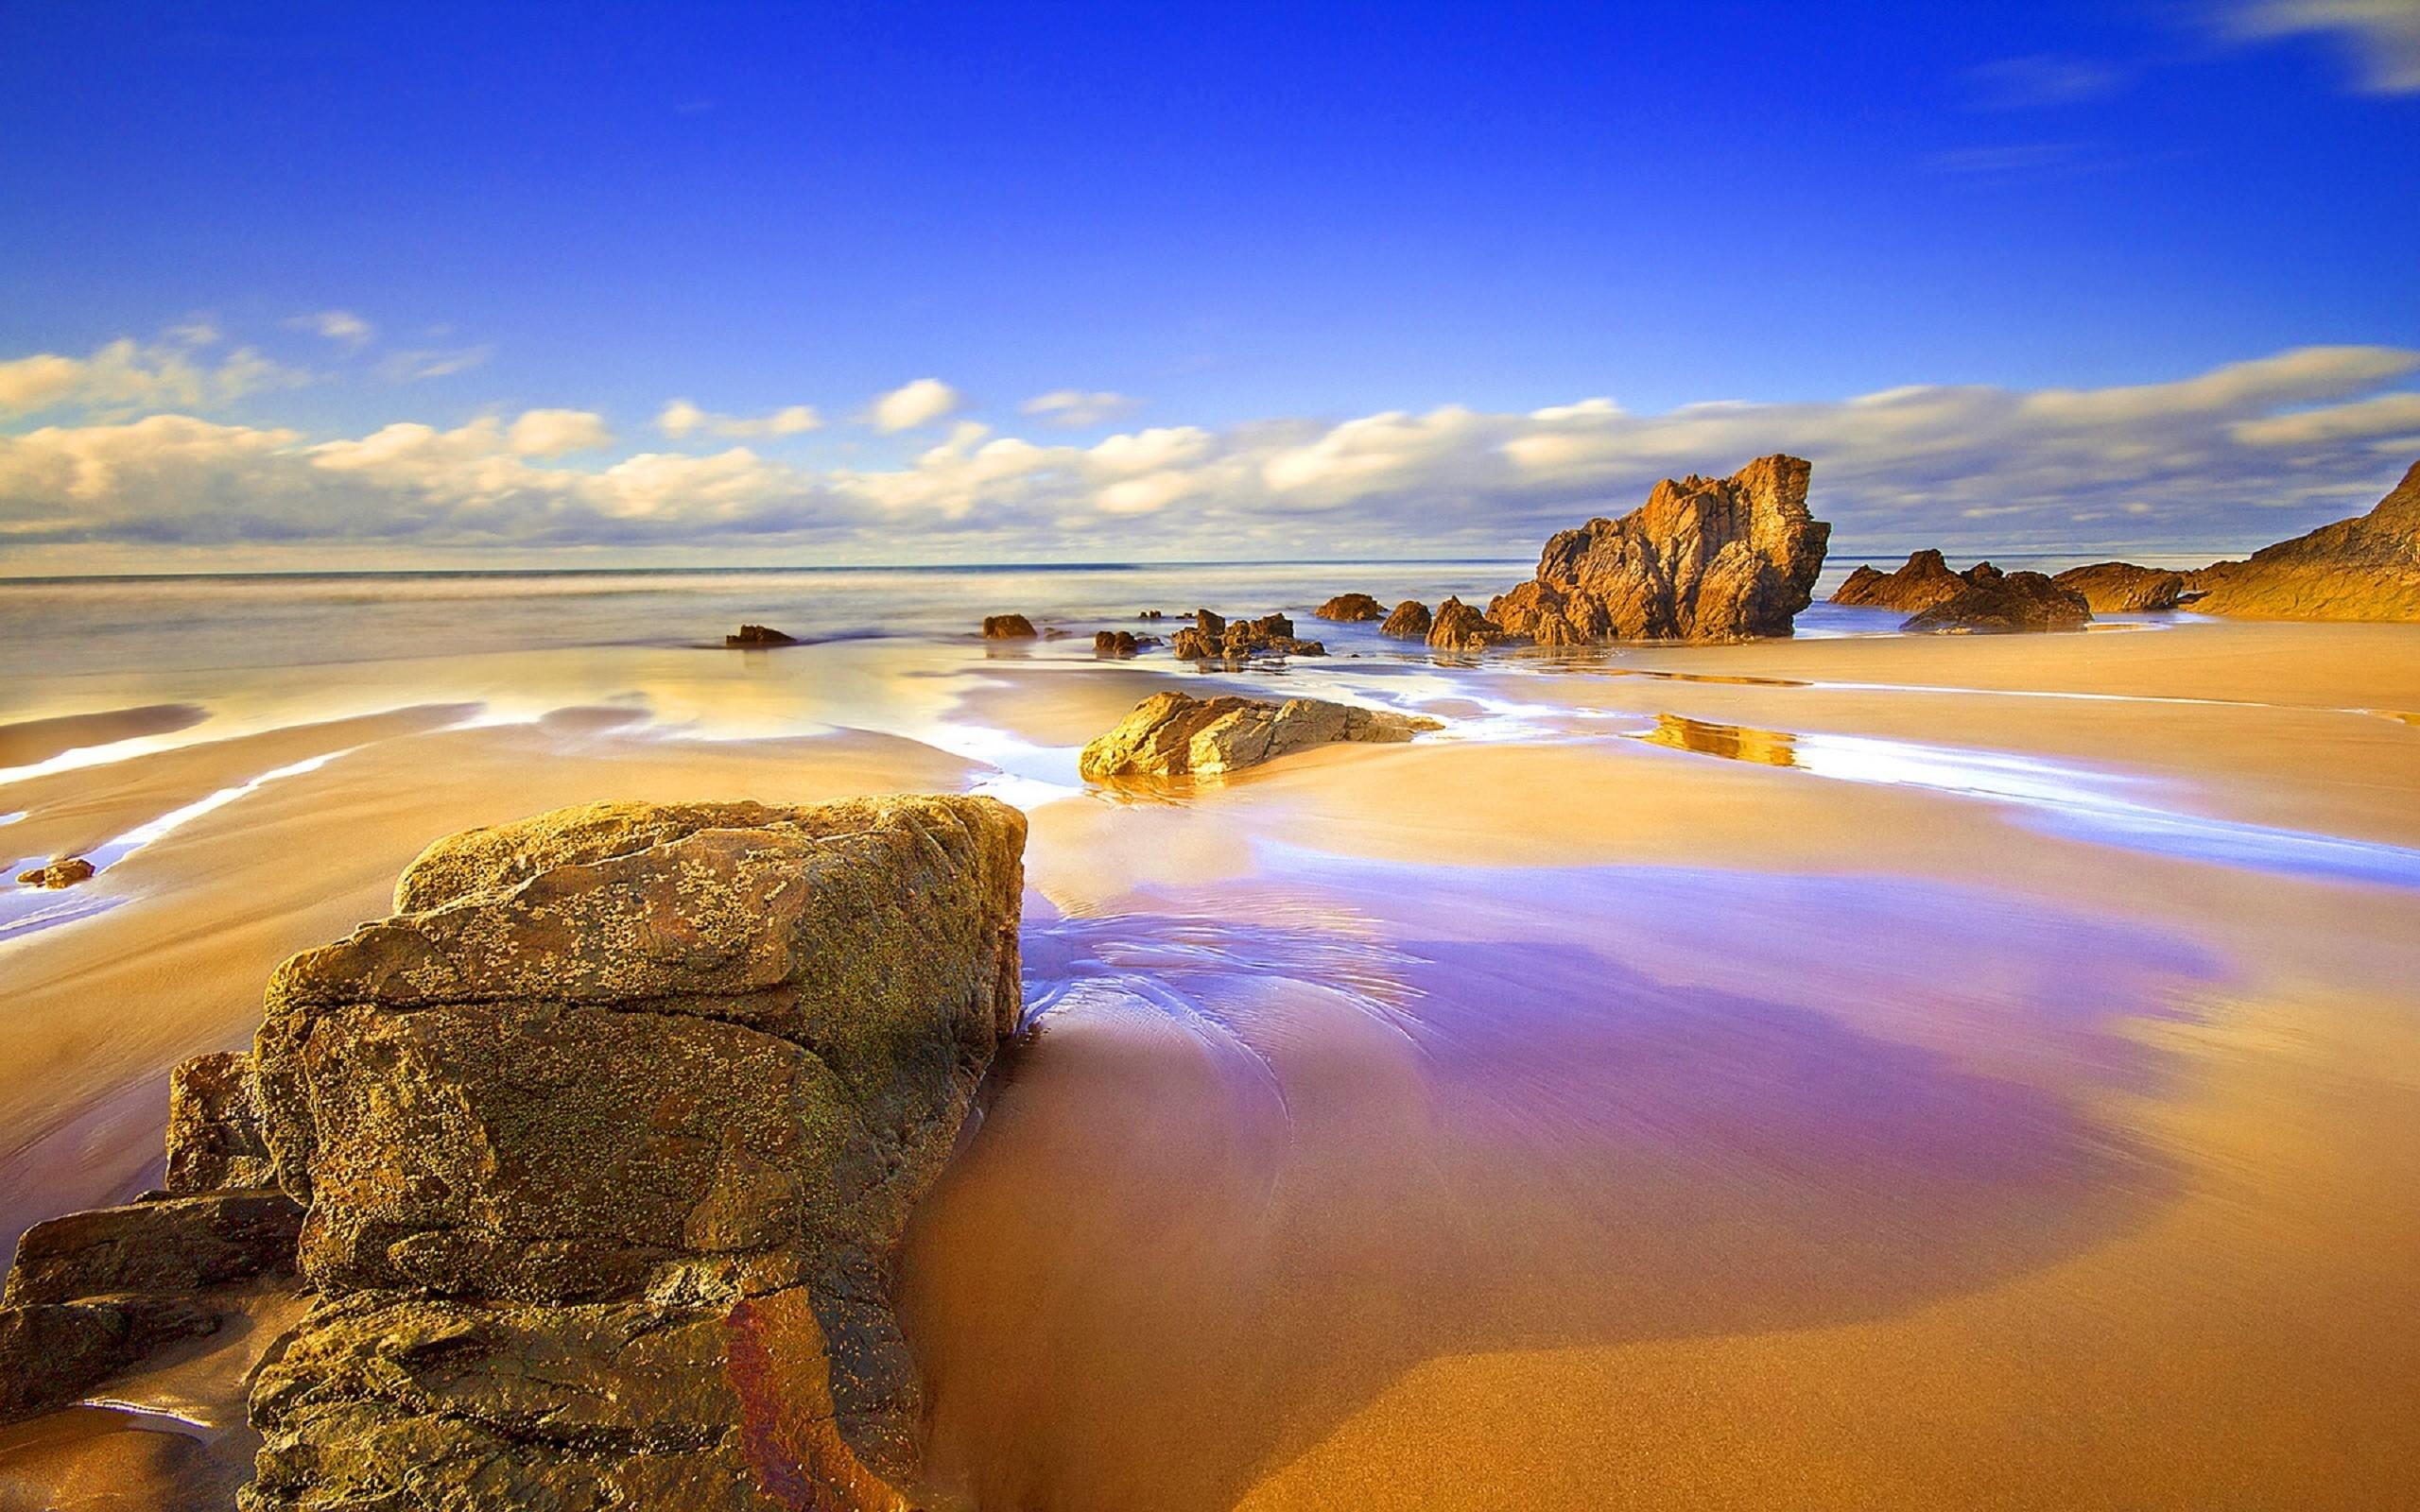 Sandy Beach Wallpaper: Sand Beach Wallpaper ·① WallpaperTag